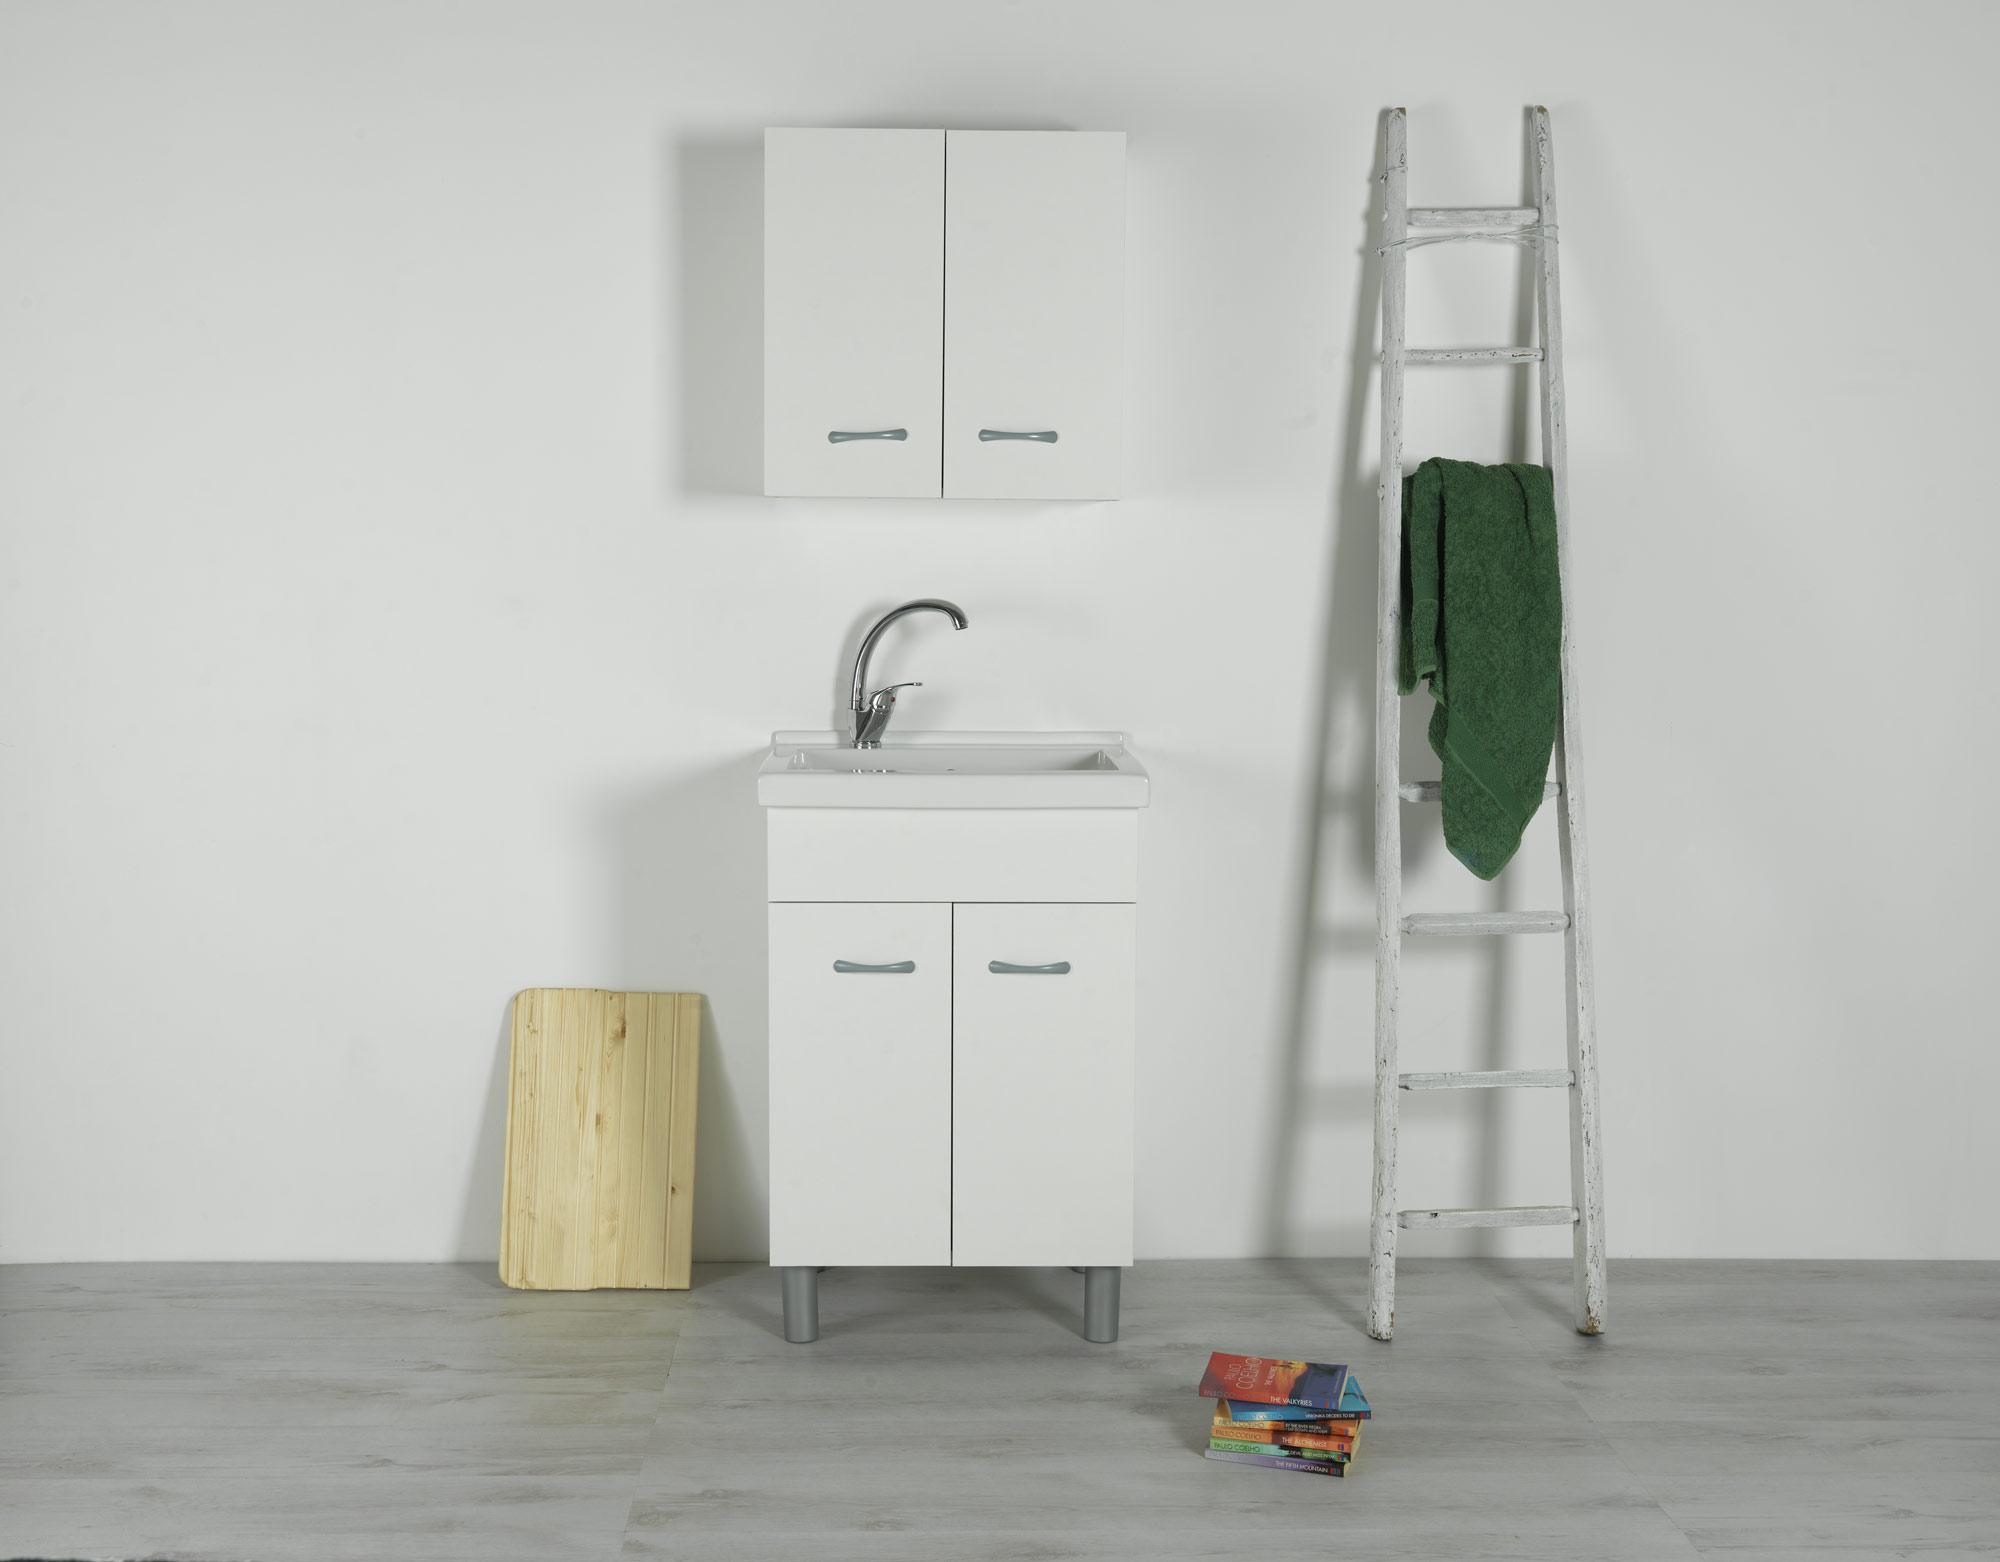 Lavatoio Per Bagno Lavanderia la lavanderia domestica secondo jo-bagno.it - arredamento